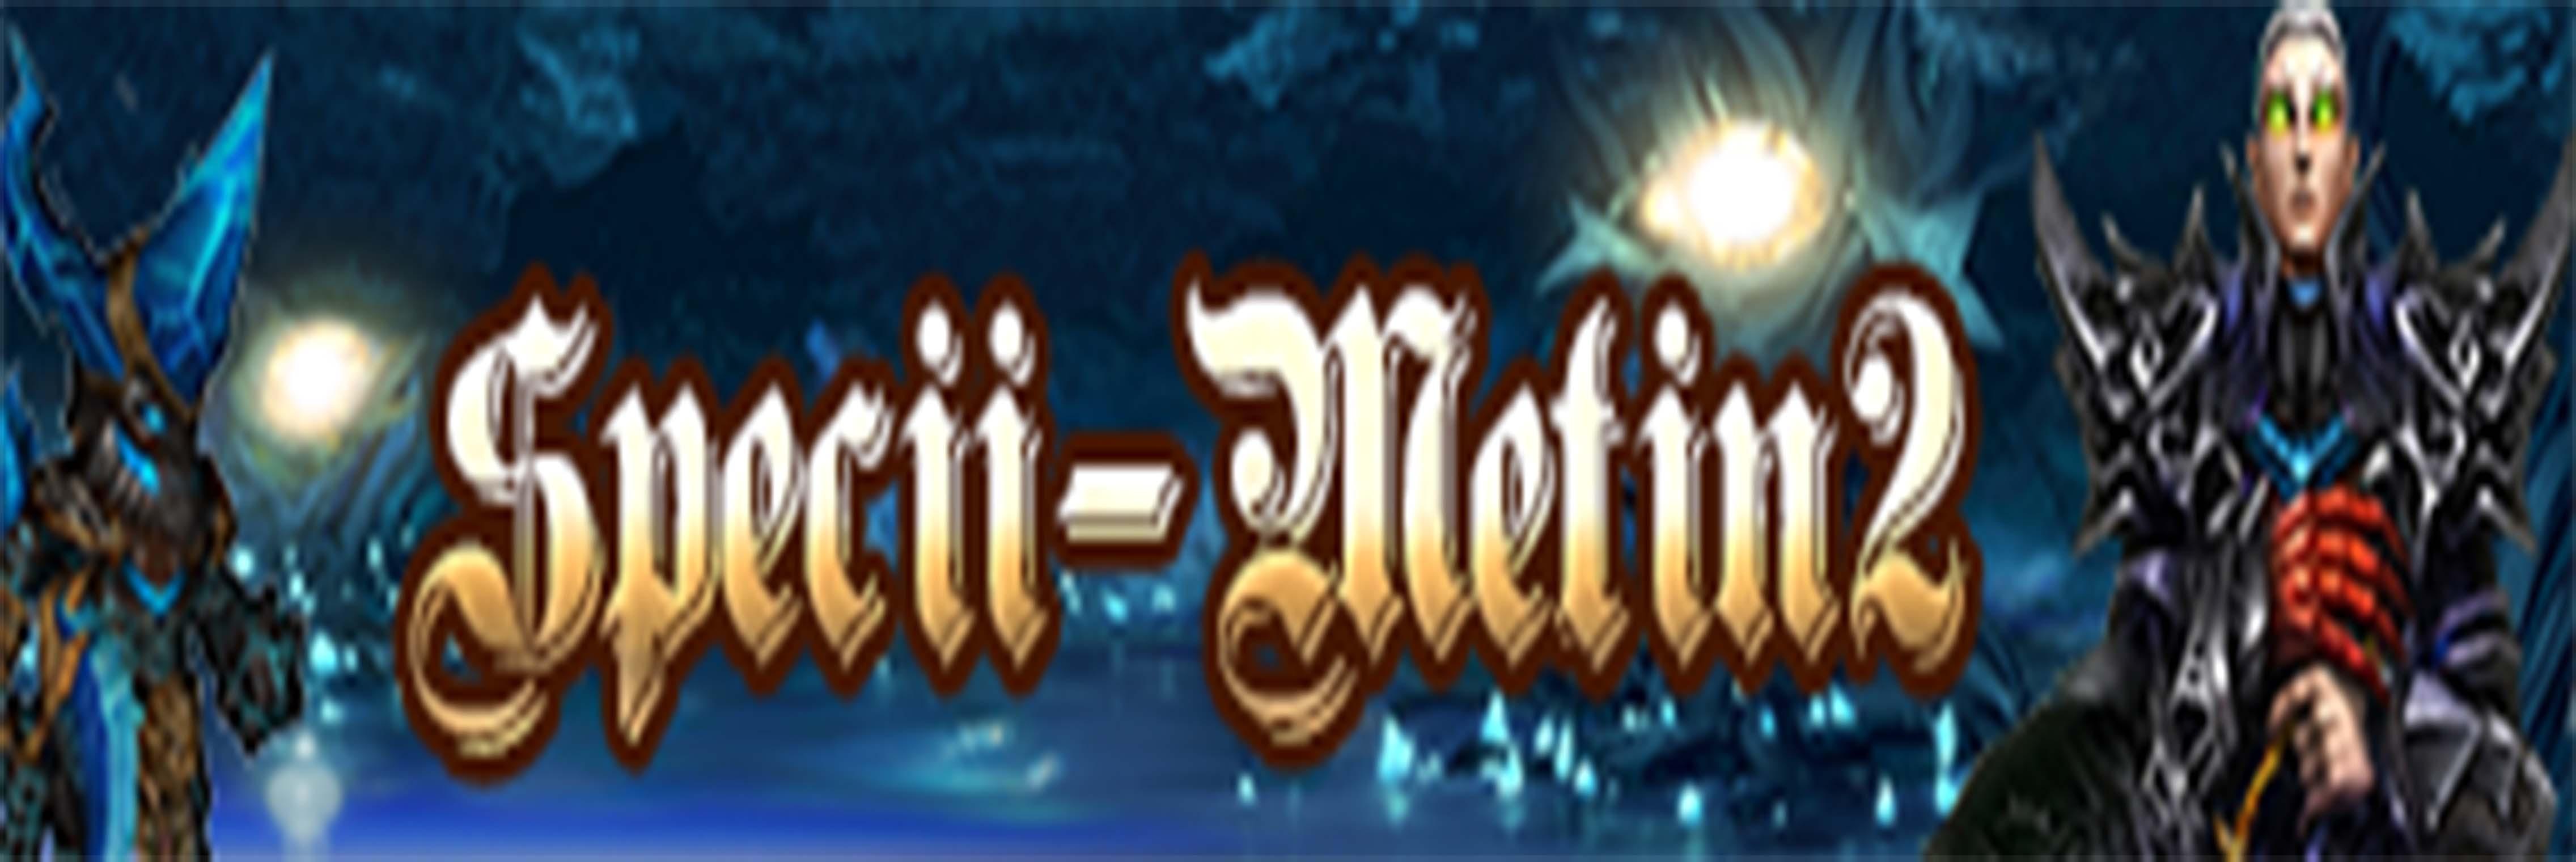 Specii-Metin2